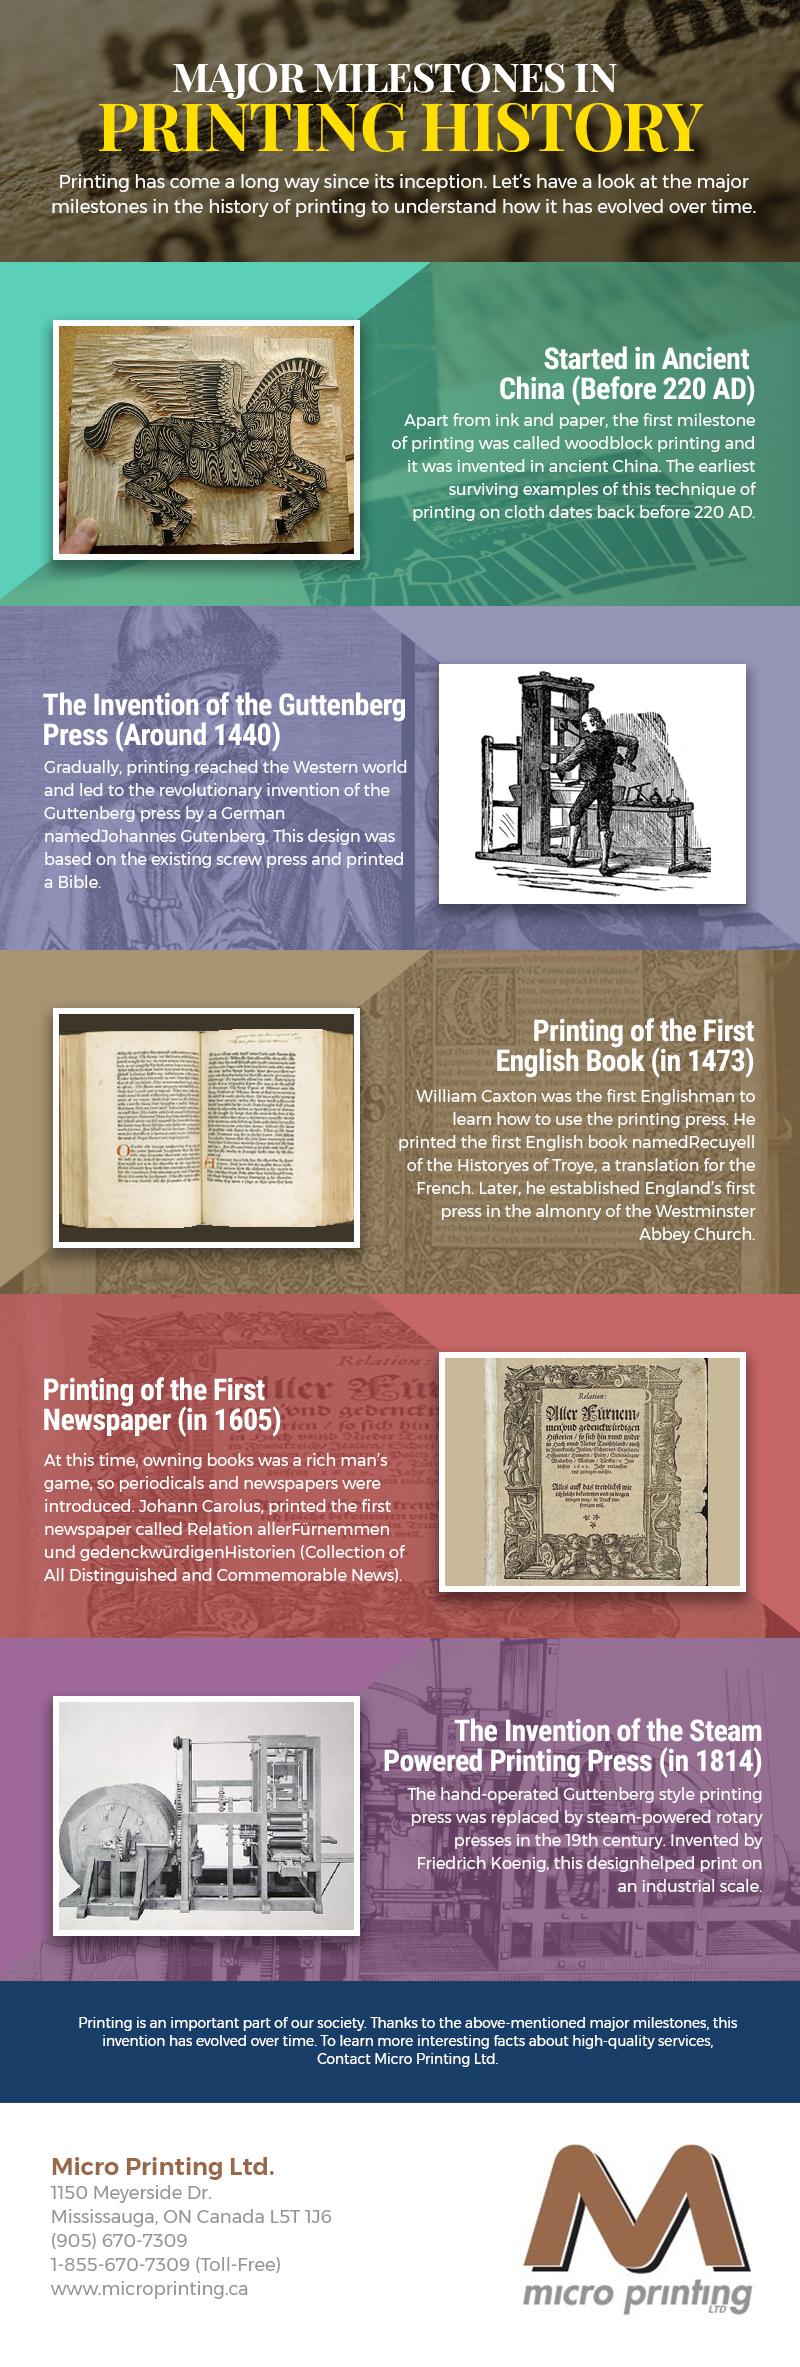 Major Milestones in Printing History